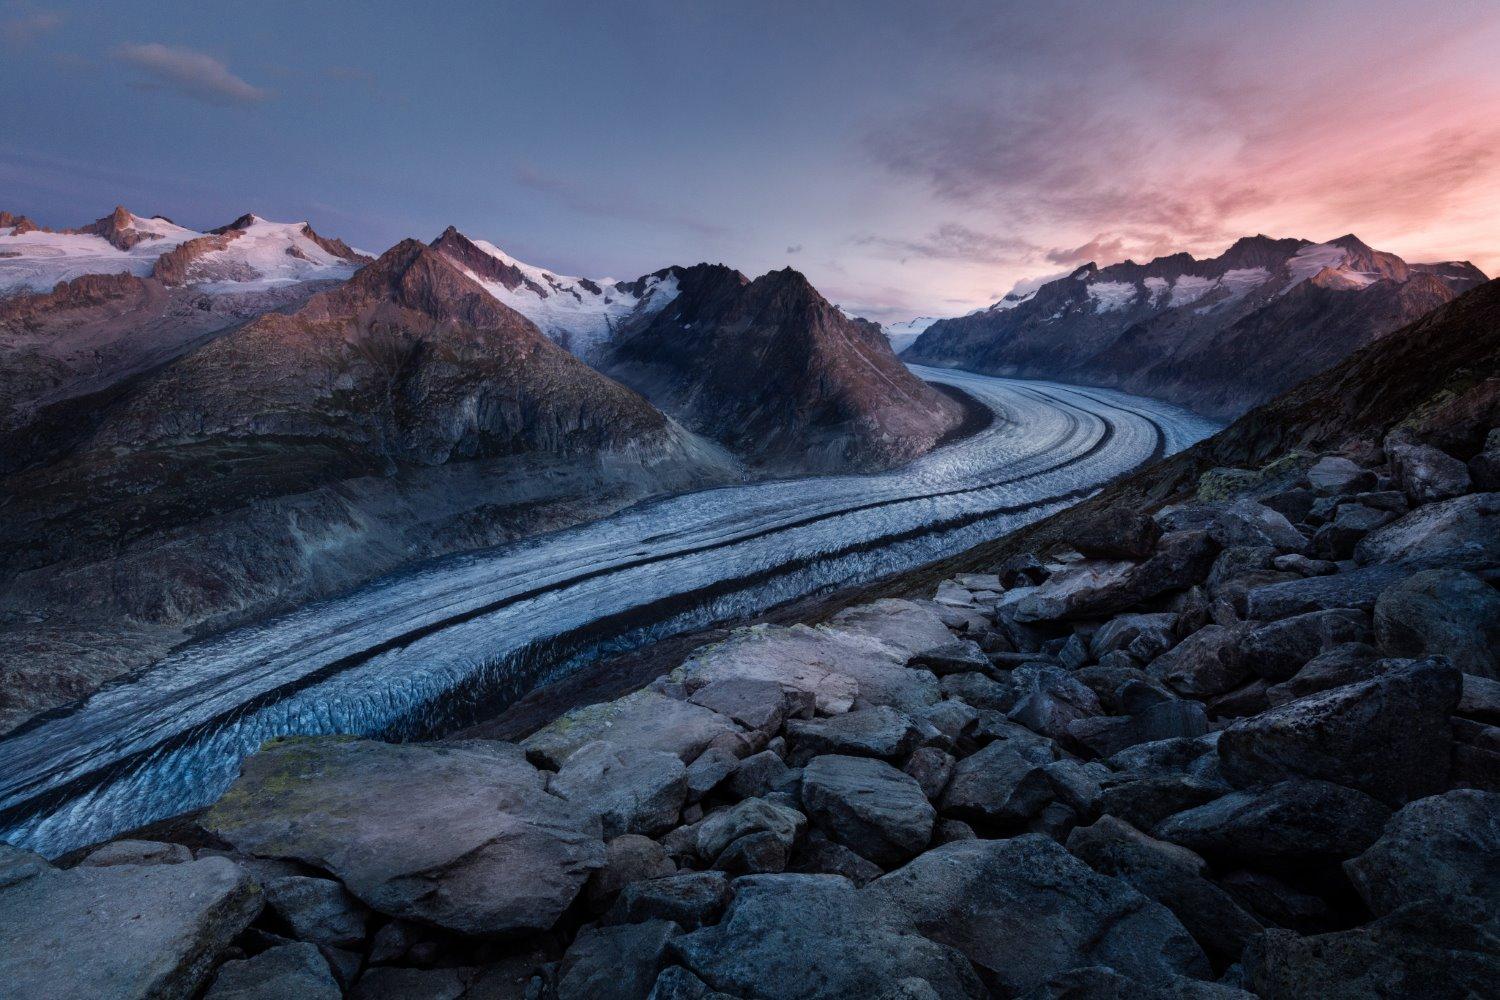 Dicas para fotografia de paisagem em uma estrada de montanha sinuosa